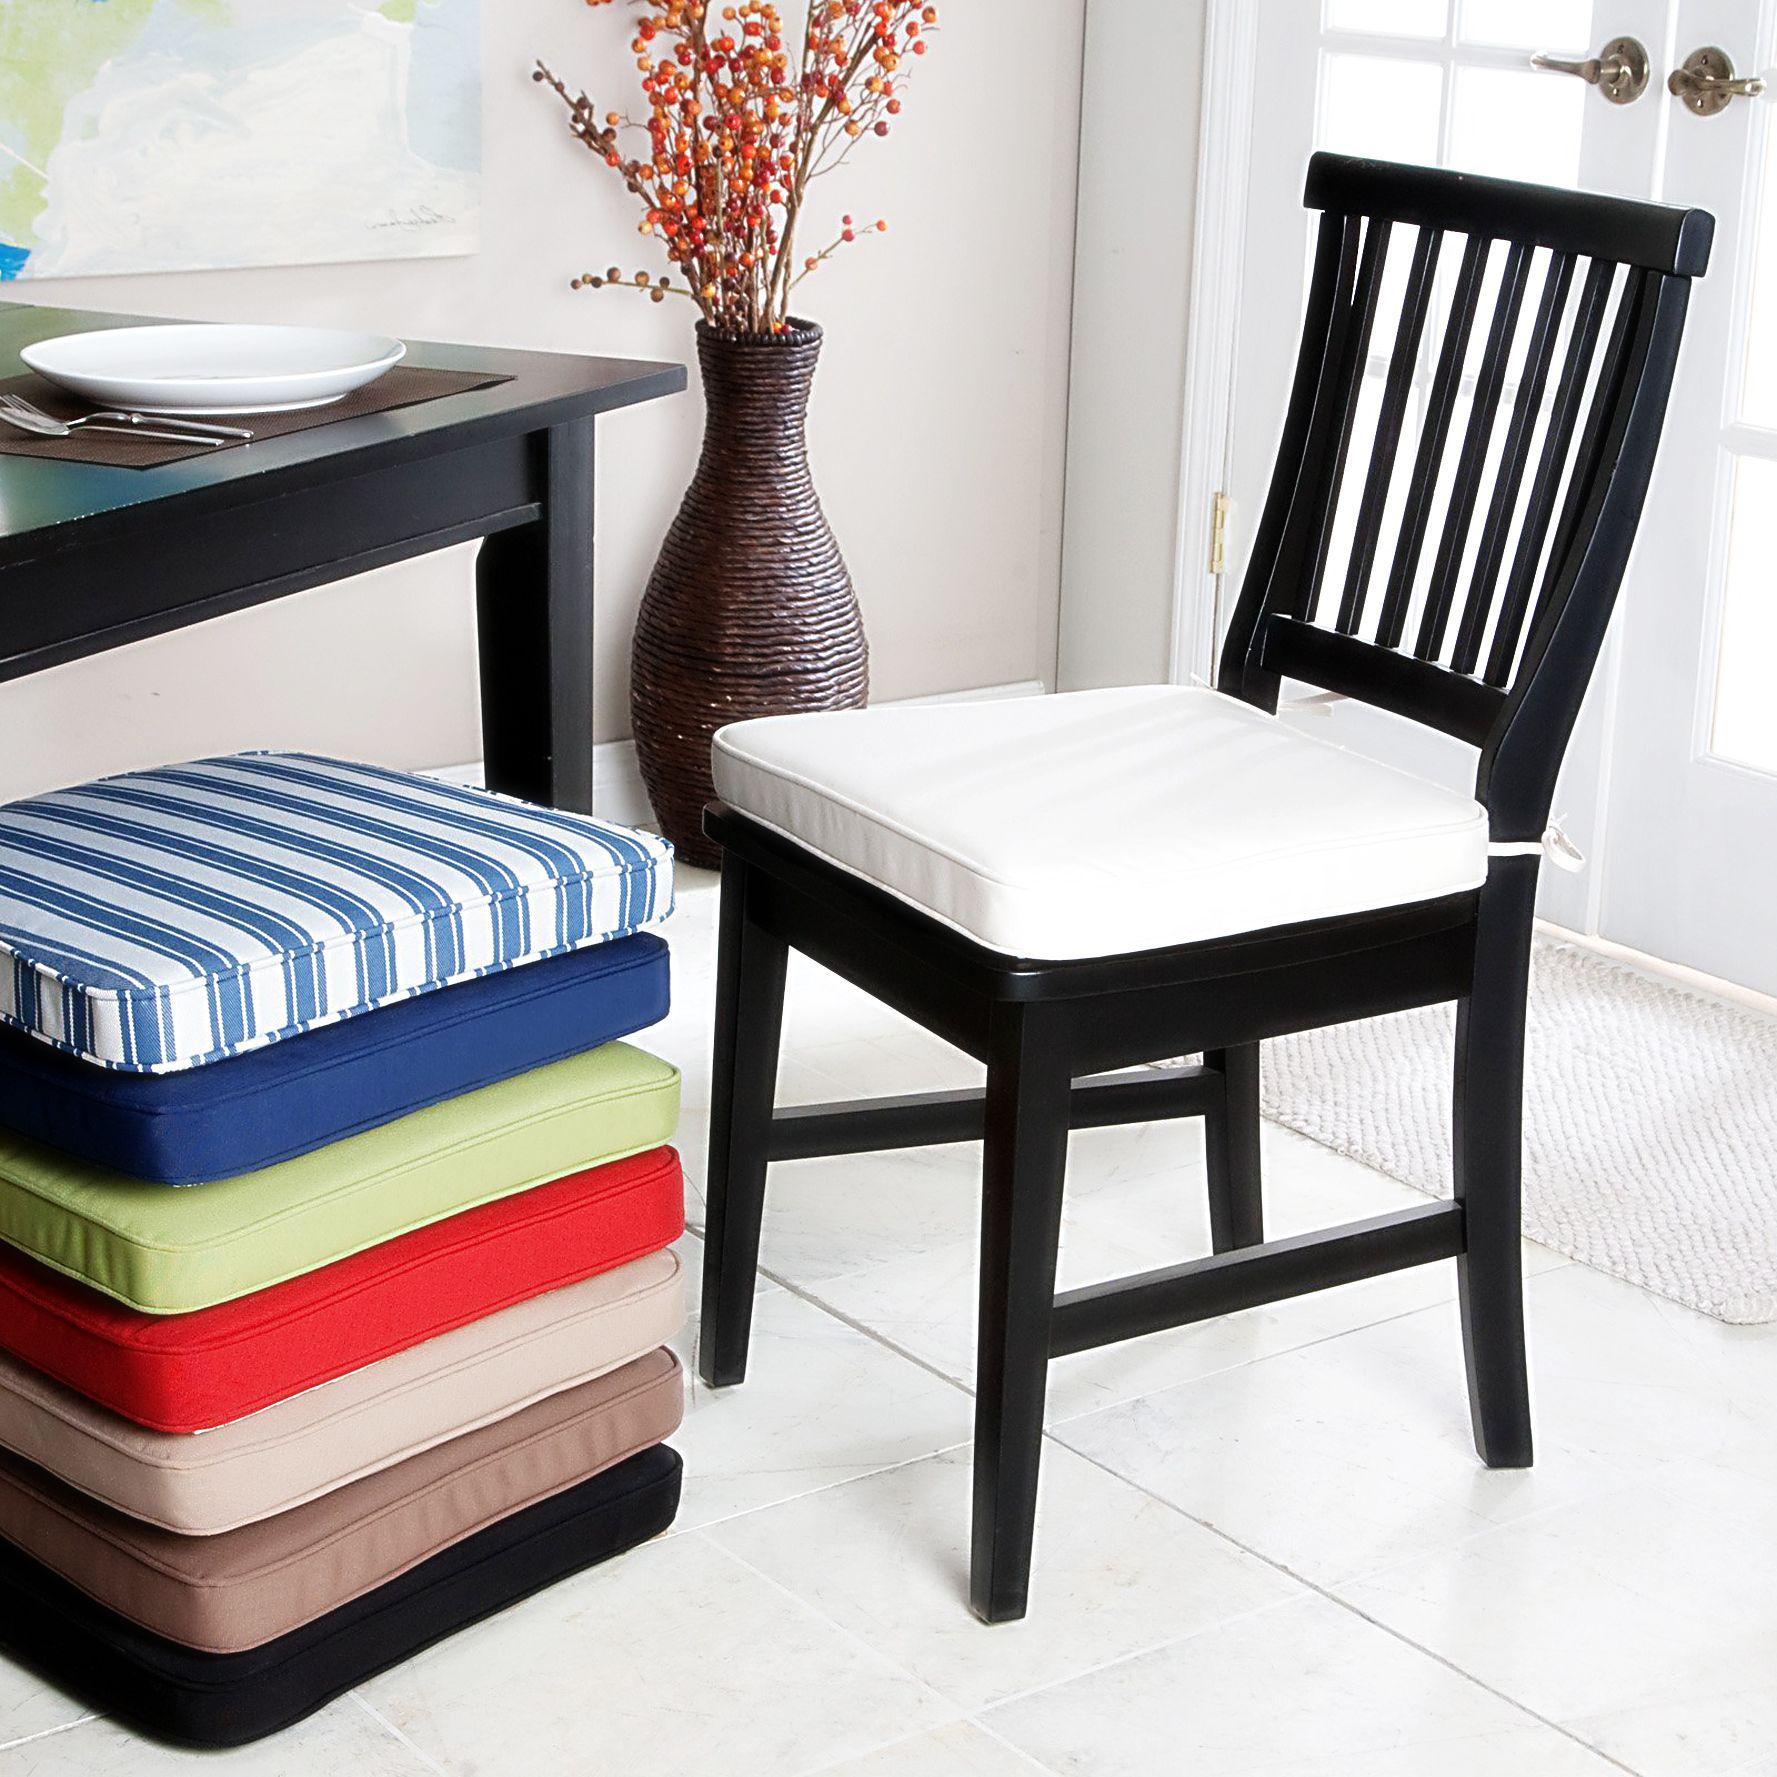 Küchen Stuhl Kissen Mit Bindungen Dies Ist Die Neueste Informationen Auf  Die Küche .